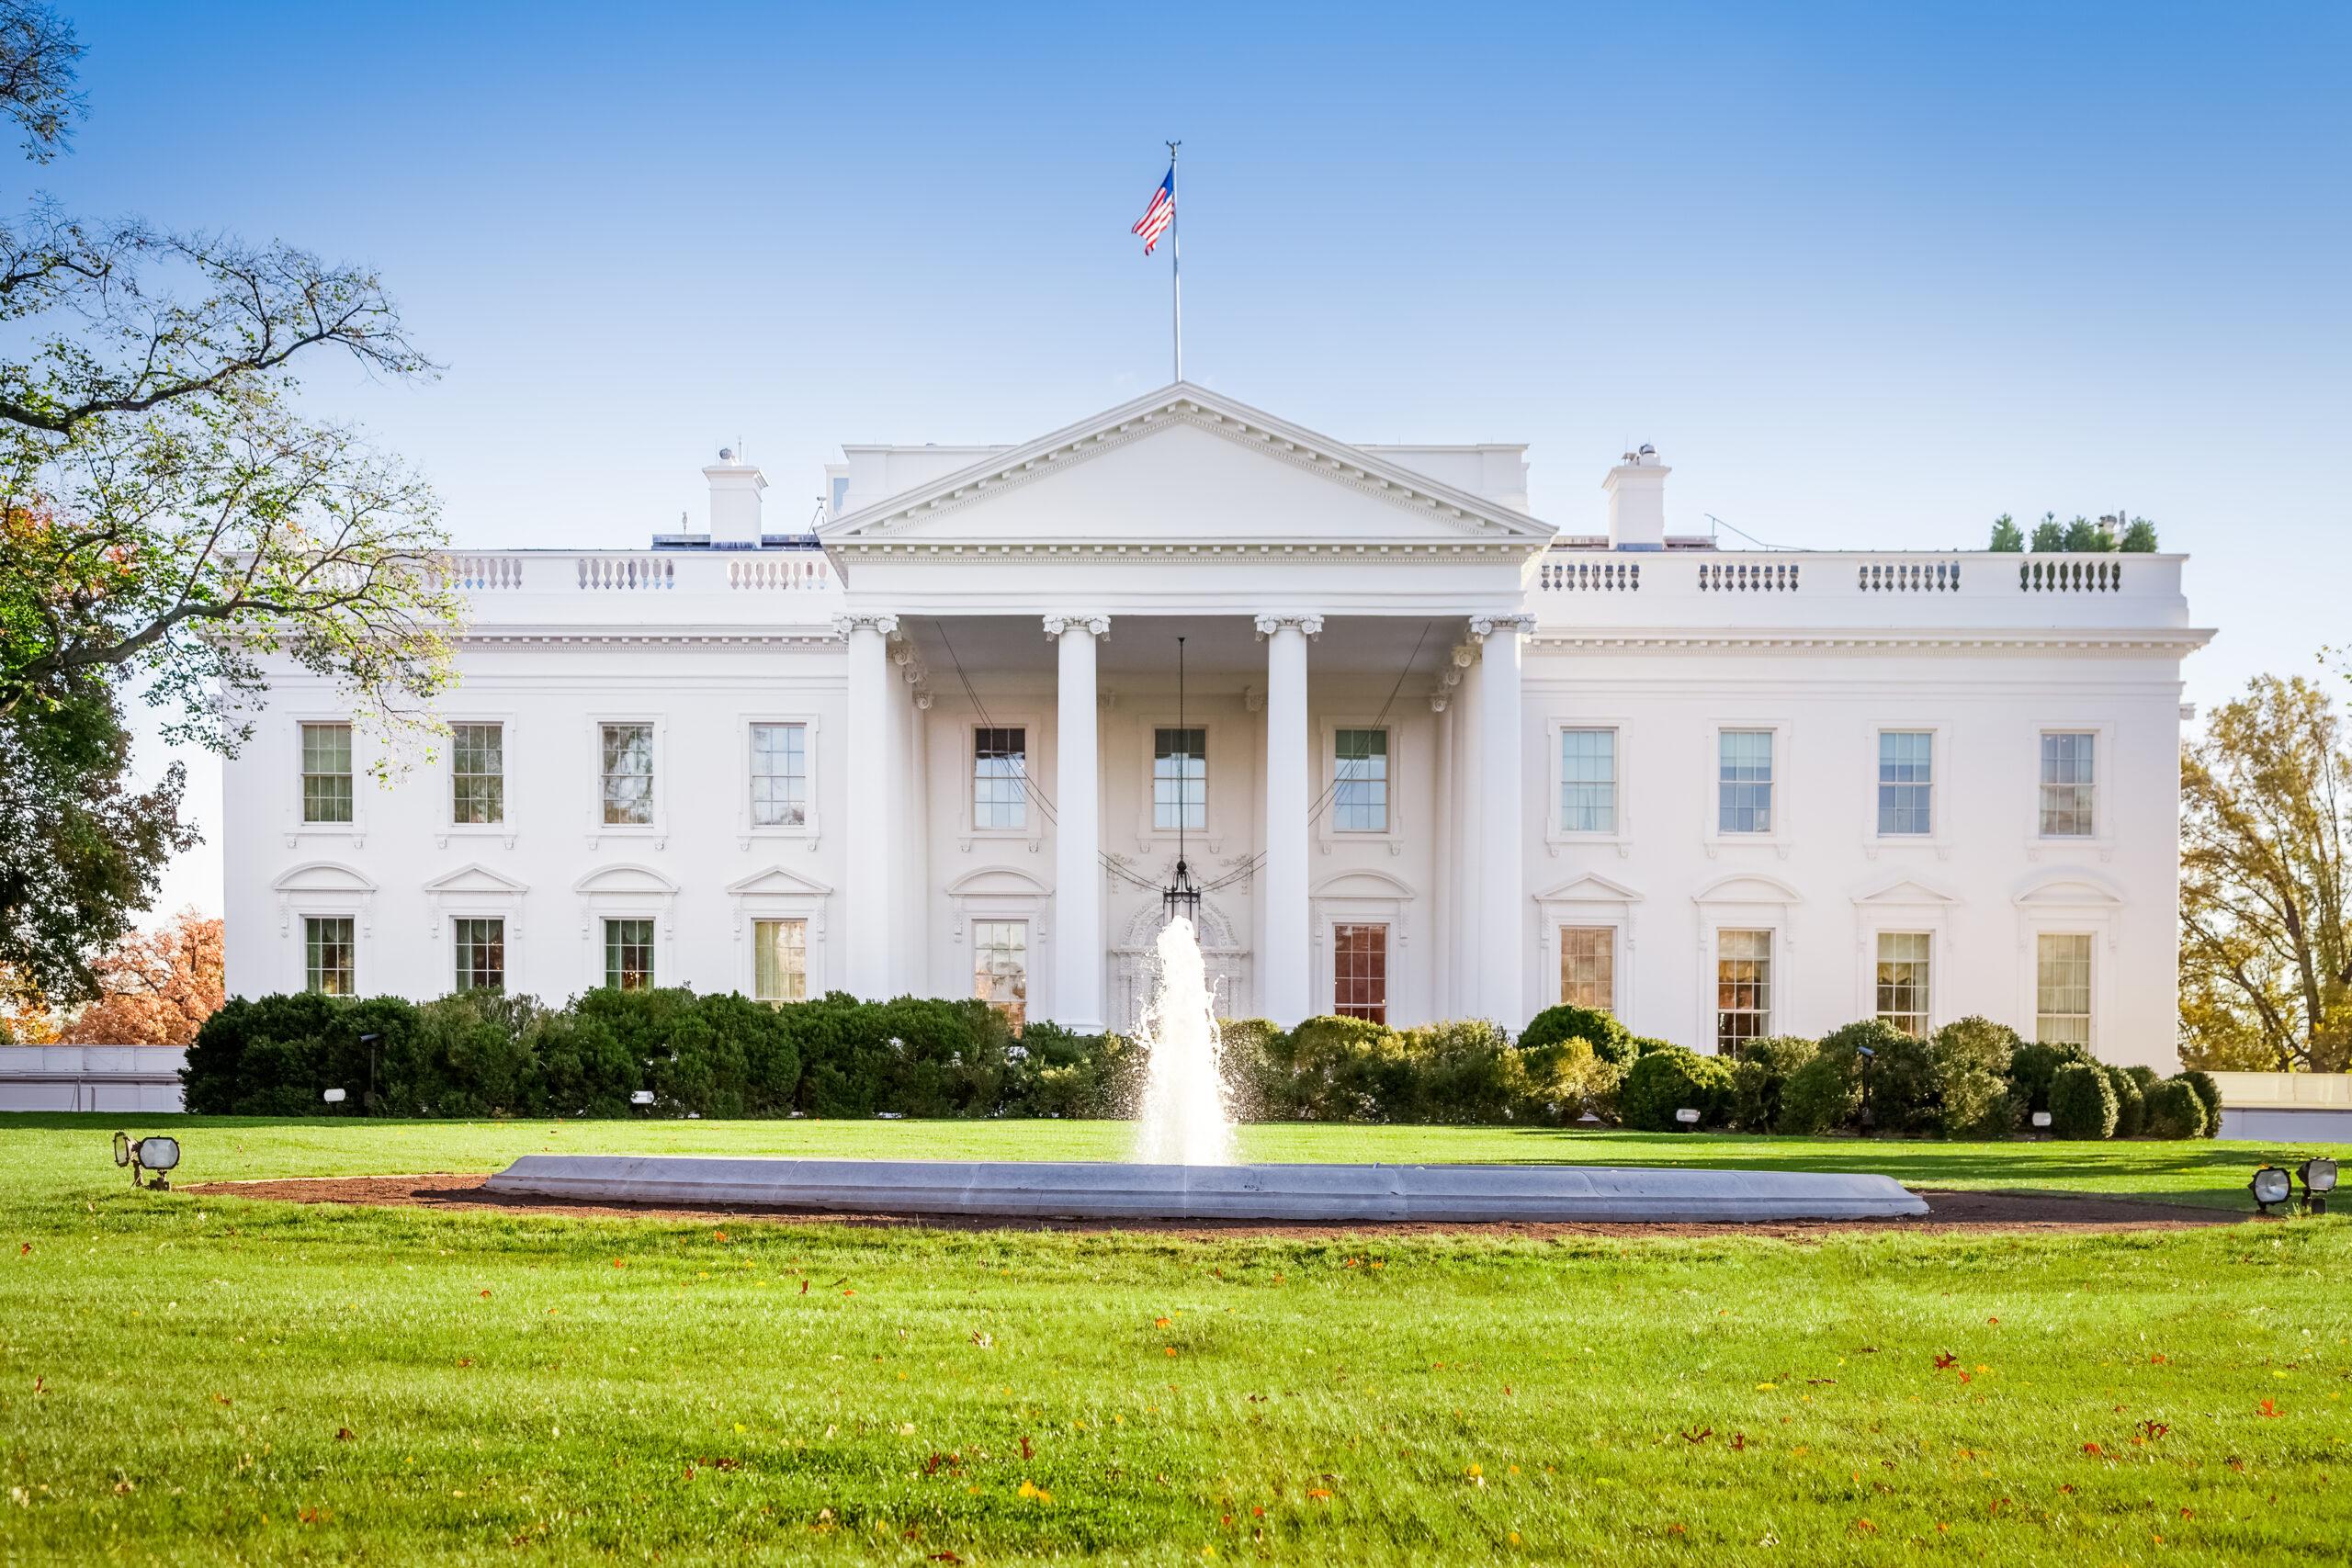 Virtual Tour Historical Sites - The White House, Washington DC